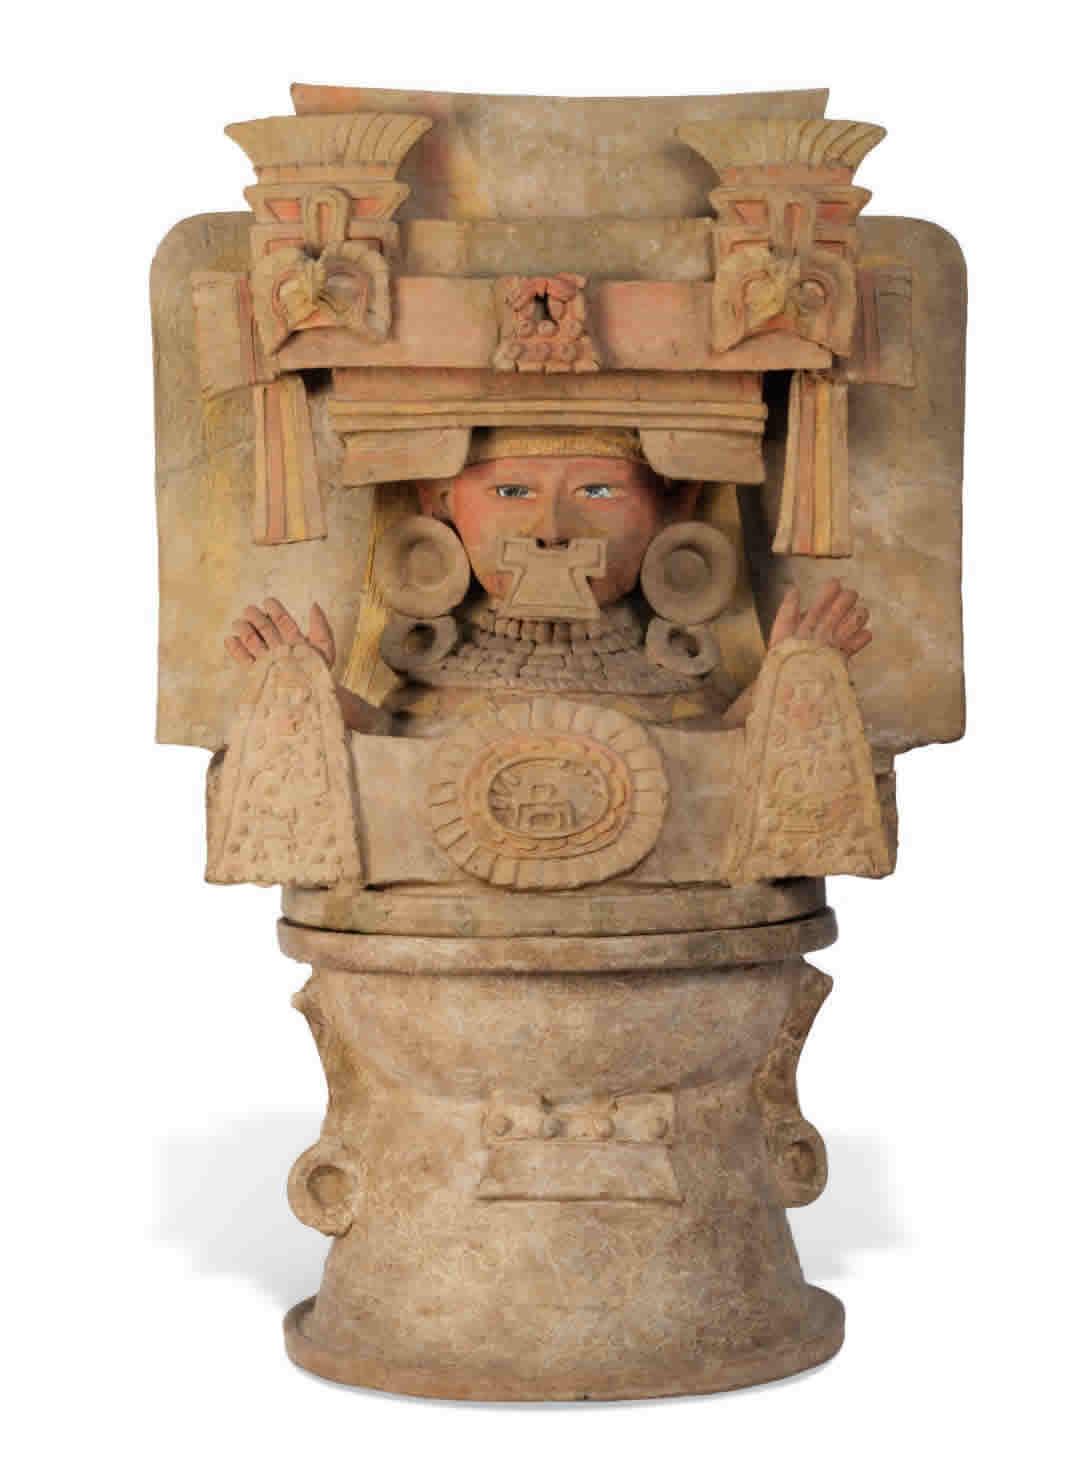 Incensario de estilo teotihuacano